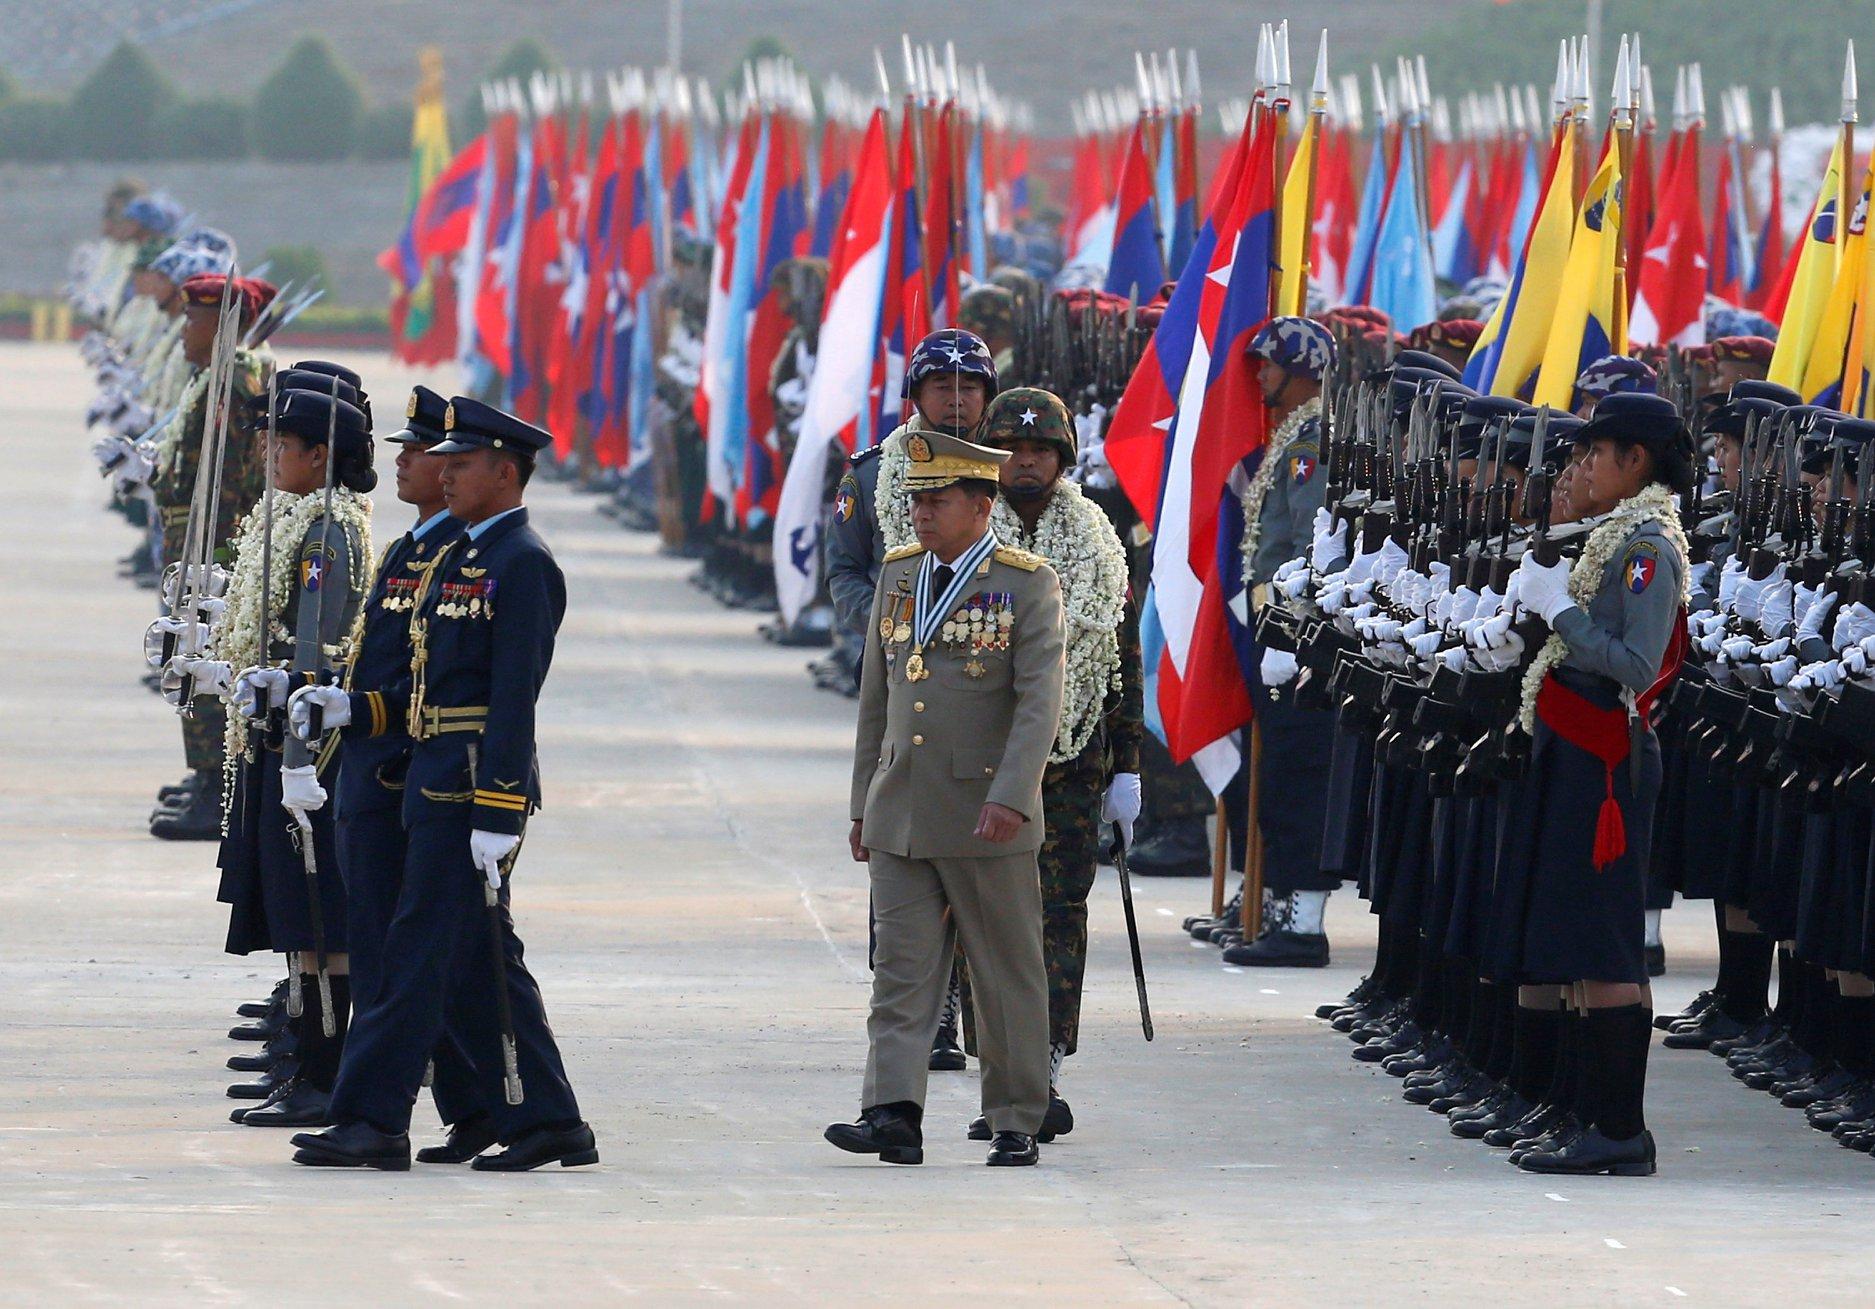 В Мьянме состоялся военный парад в честь 73-летия создания вооруженных сил